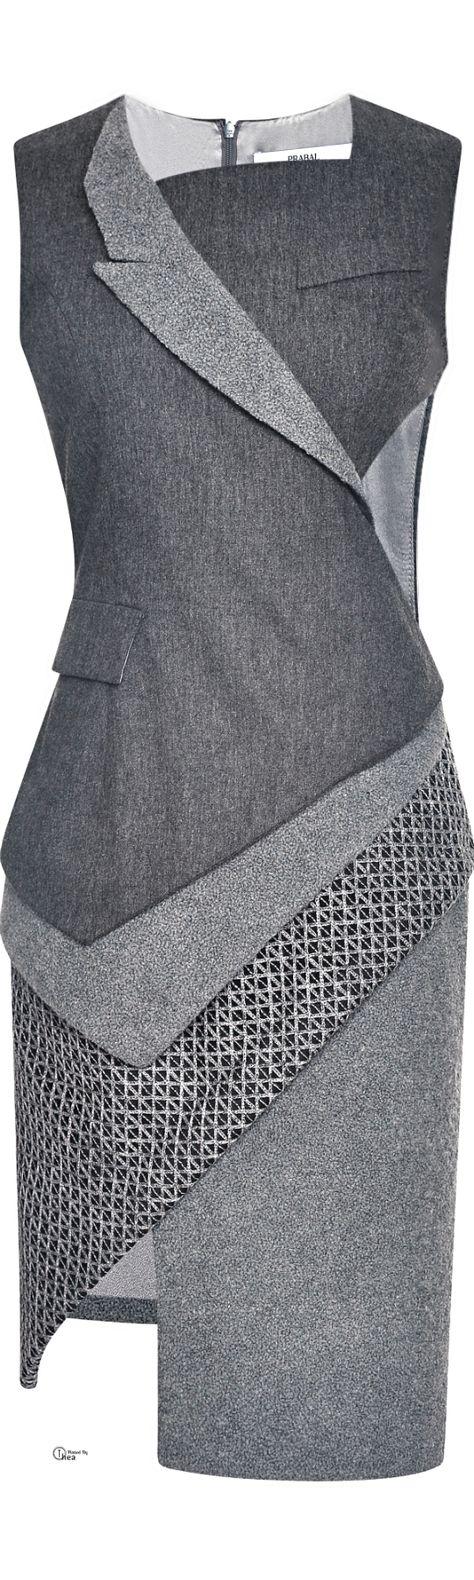 Prabal Gurung FW 2014 ● Wool Flannel Asymmetric Dress